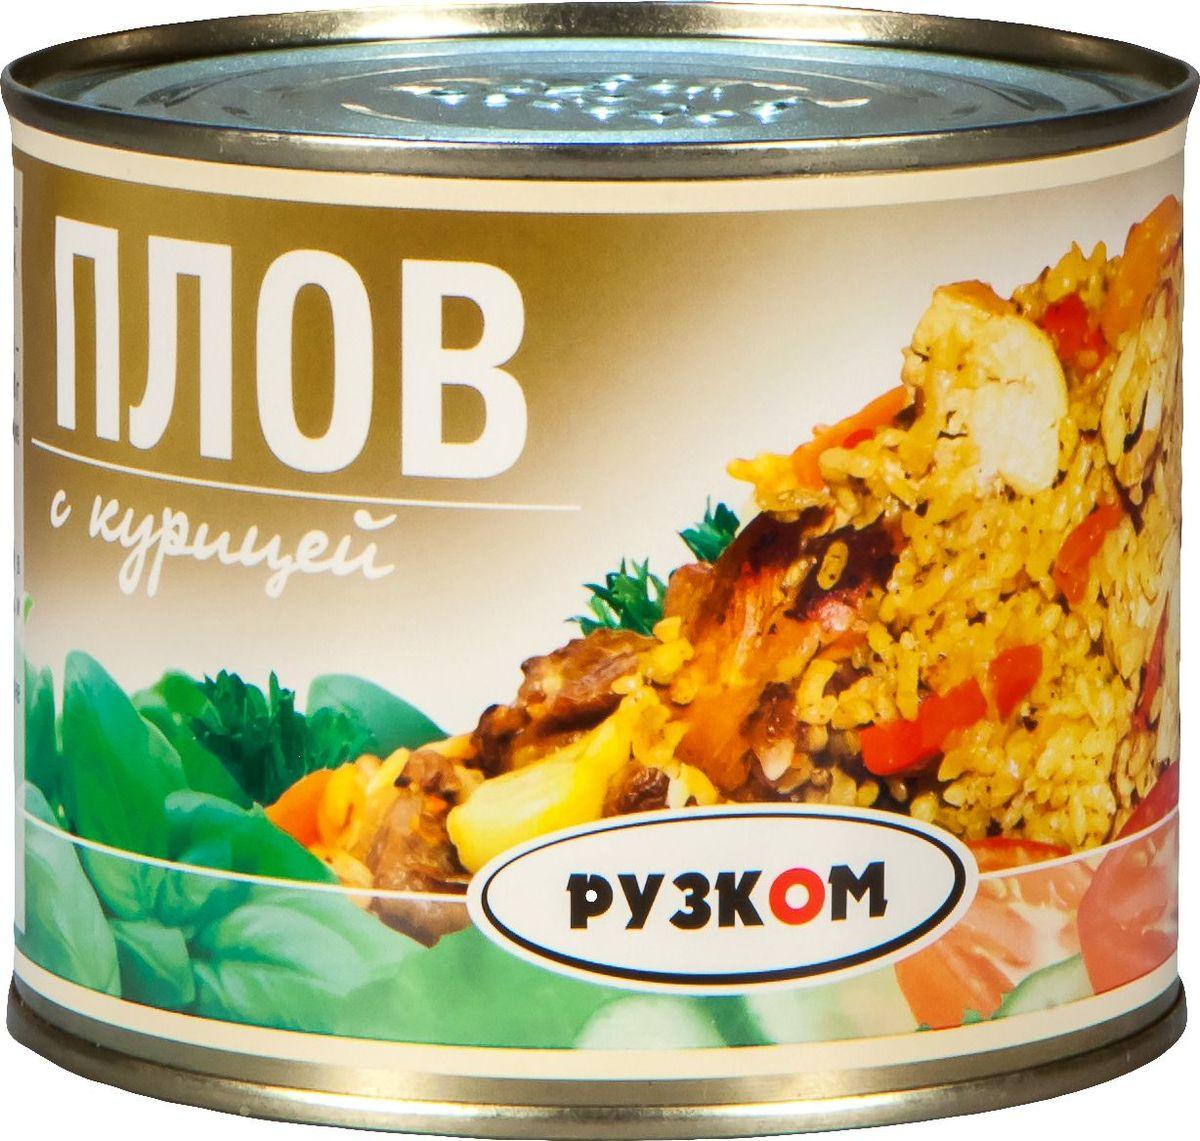 Рузком Плов с курицей, 540 г